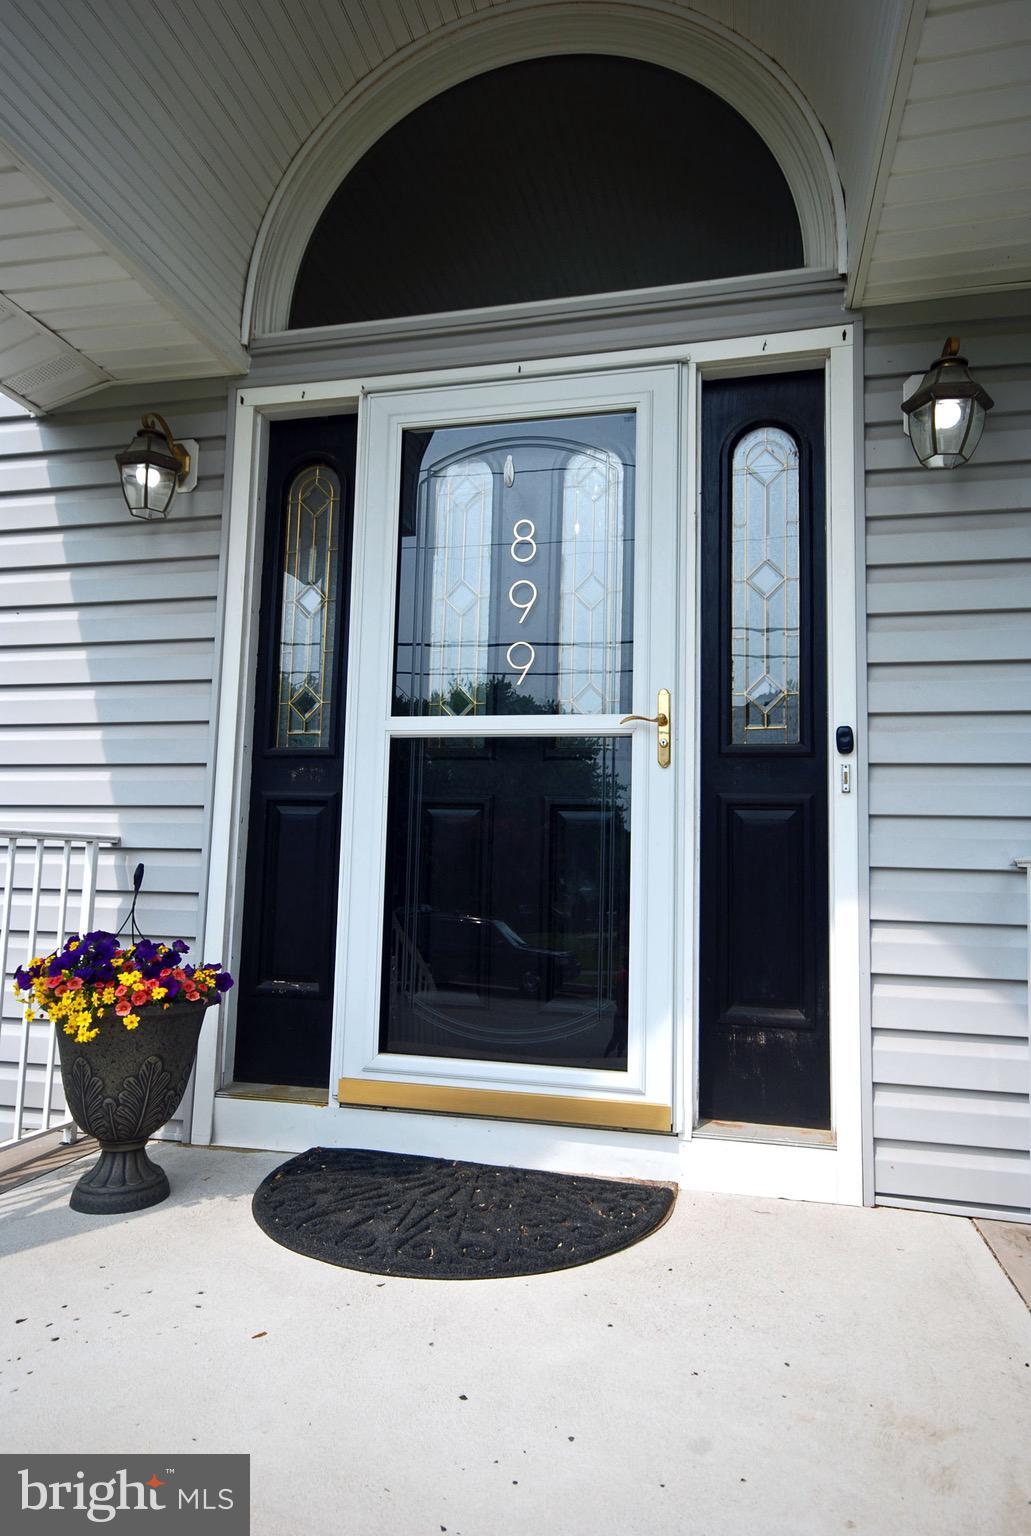 899 BEATRICE PARKWAY E, EDISON, NJ 08820